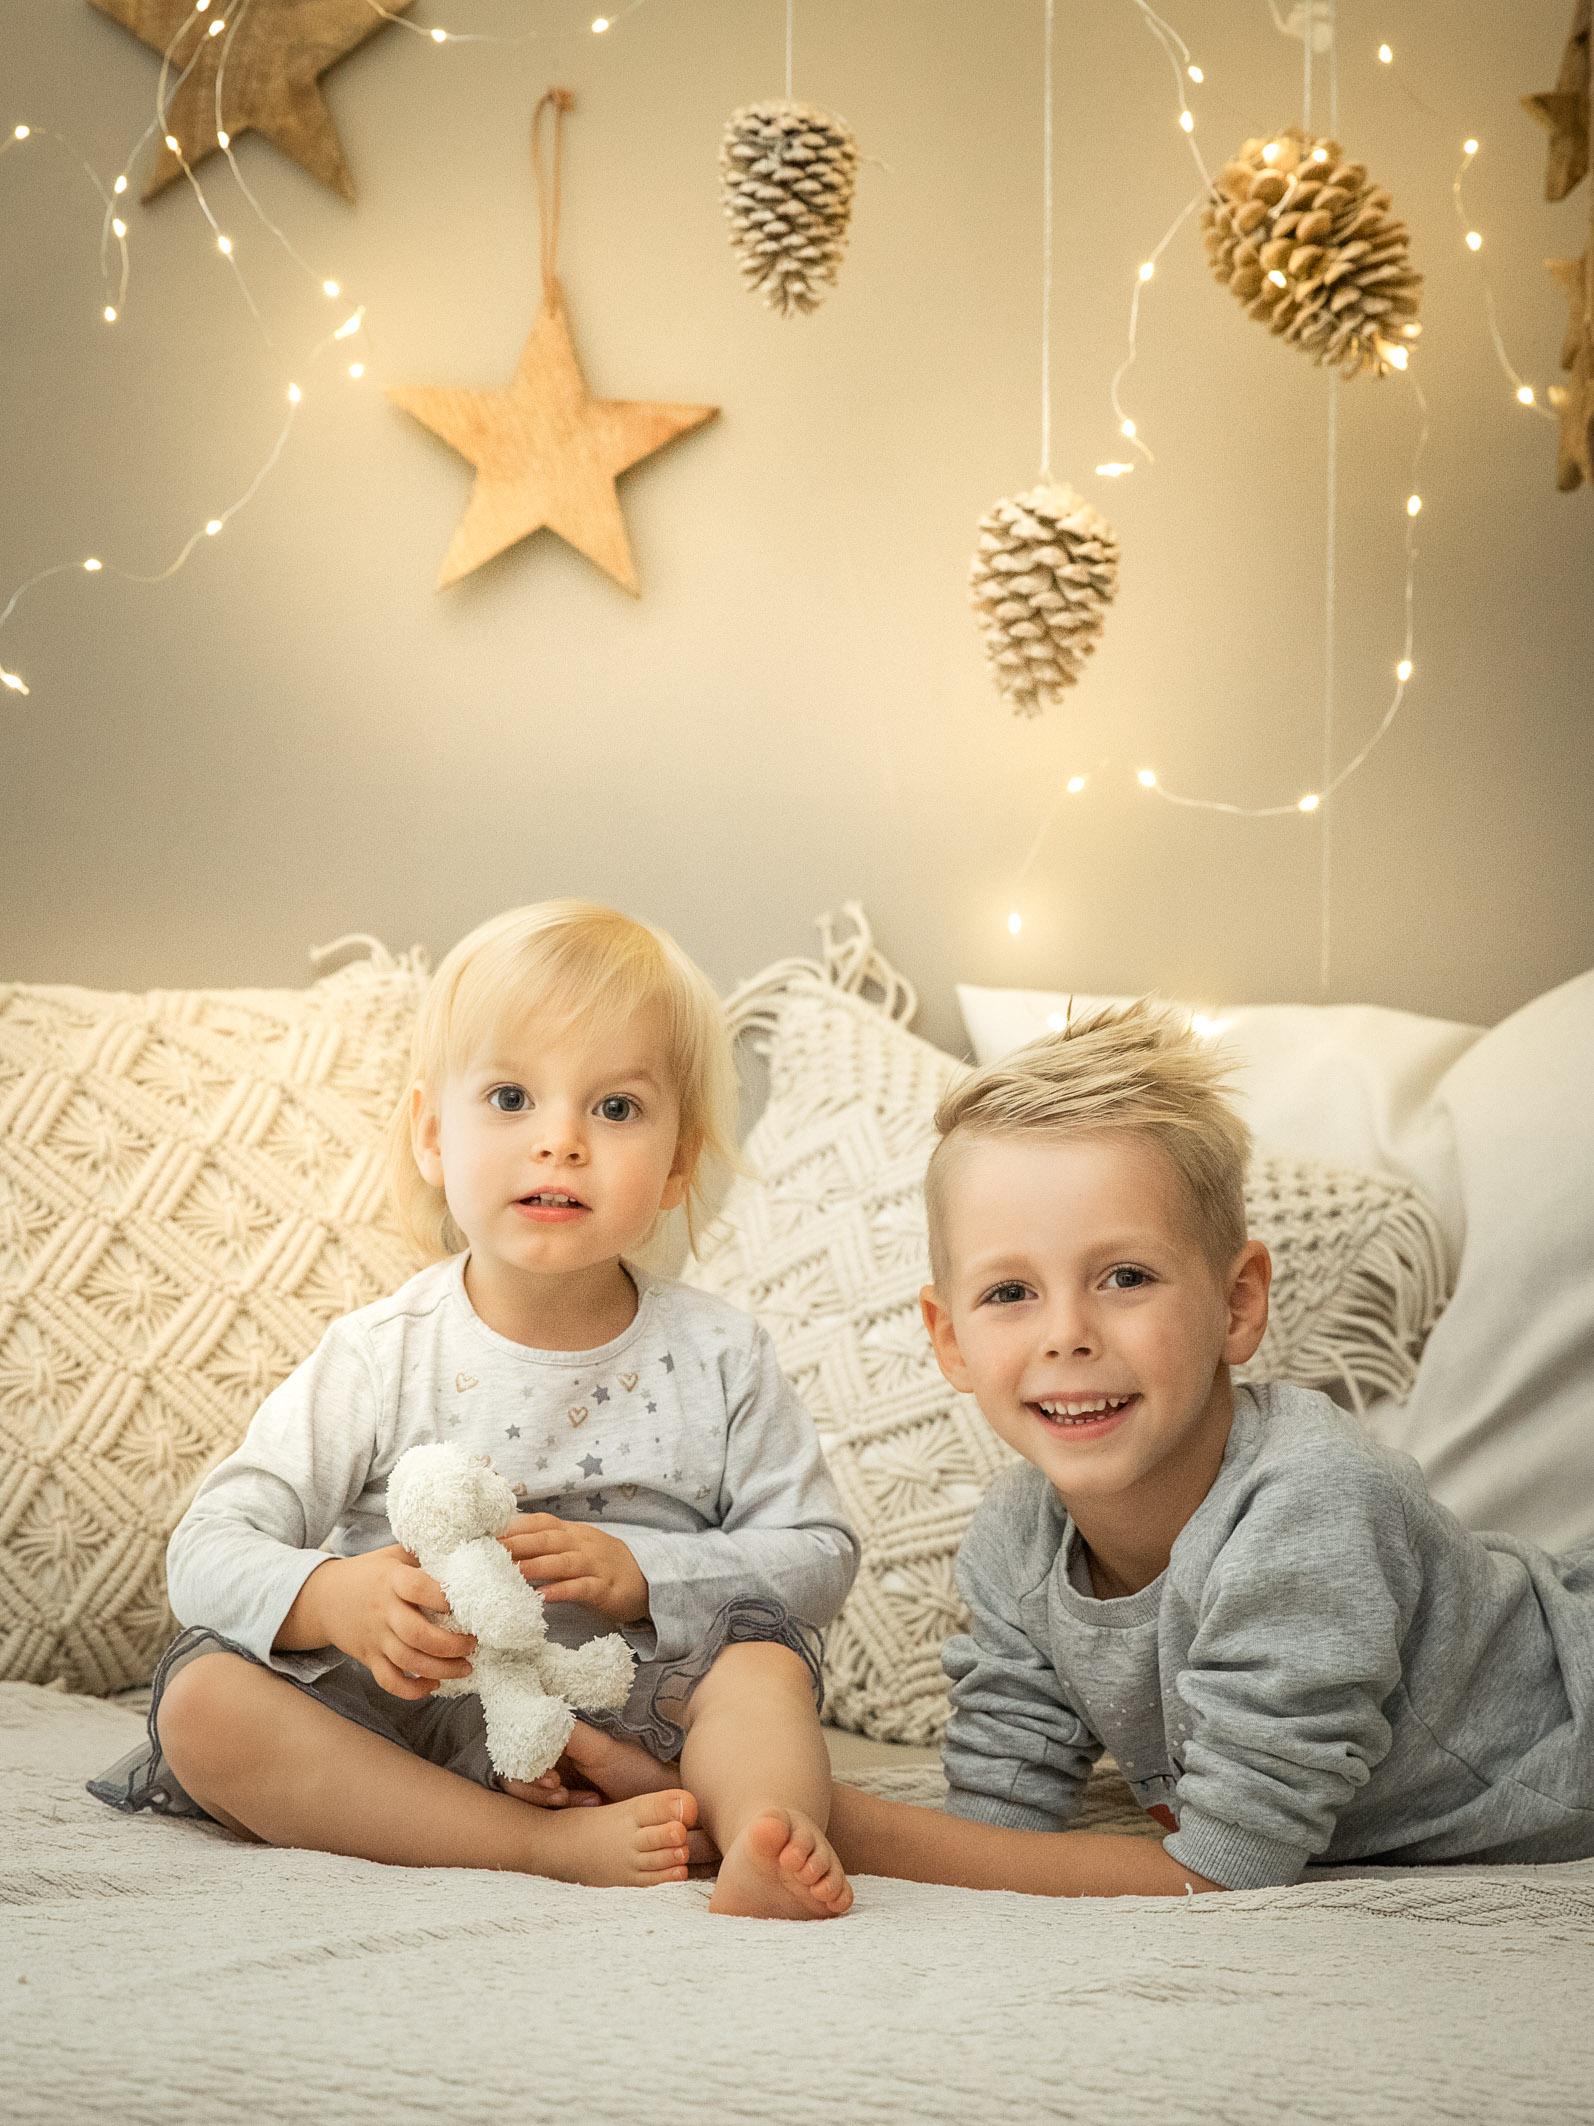 Schenken kann so einfach sein, Weihnachtsmotiv 2020 Fotostudio LICHT/BLICK in Pegnitz